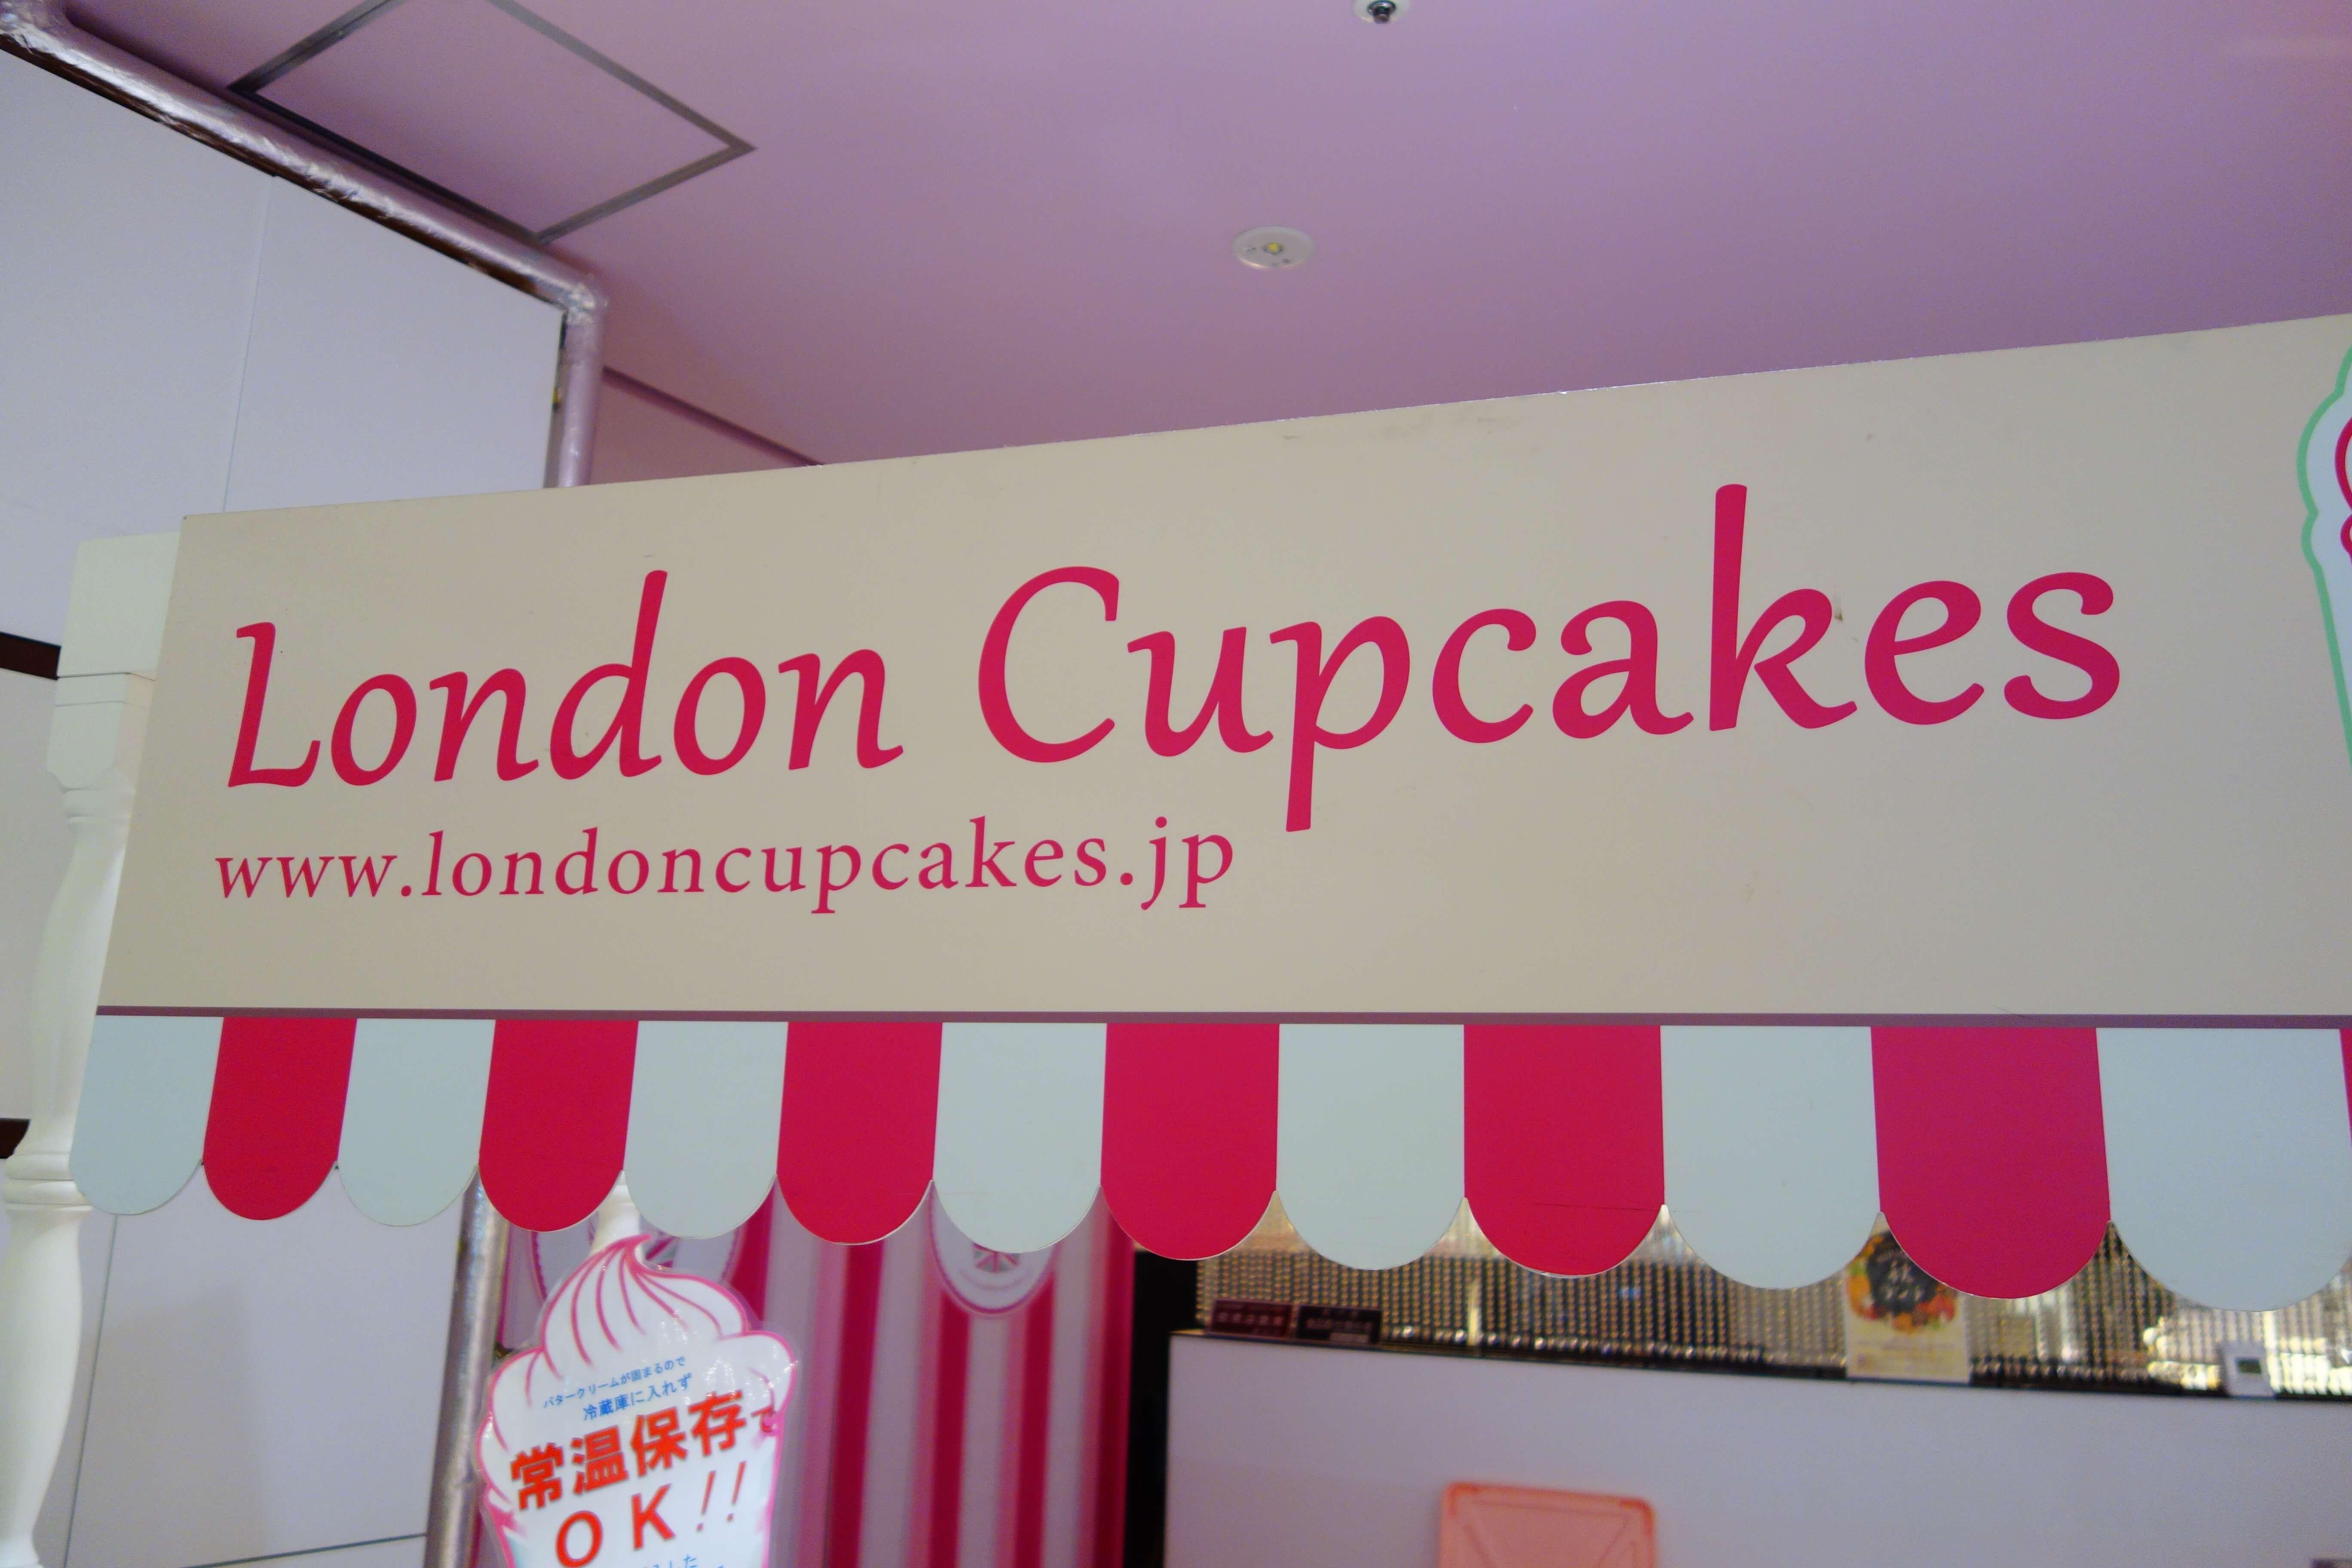 ロンドンカップケーキ|金沢市の中央市場でバタークリームが超絶美味しいお店を紹介する